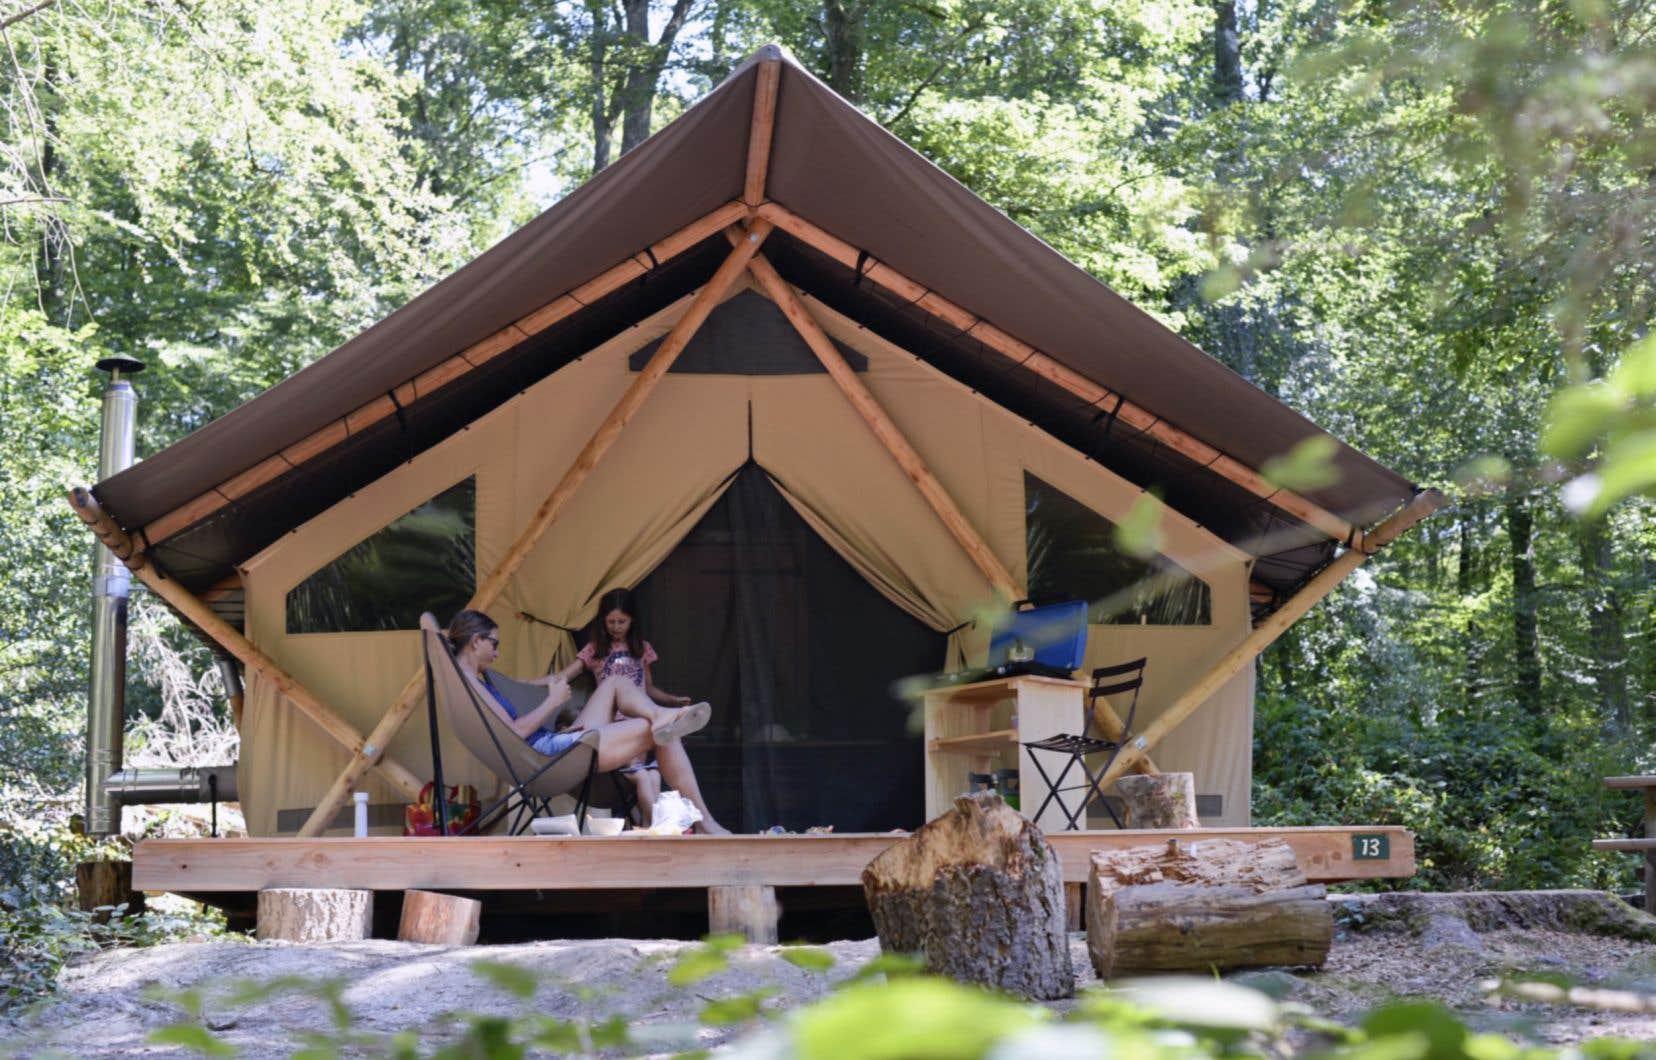 Le «glamping» s'étend de plus en plus dans la province avec le développement de concepts de prêt-à-camper dans les différents parcs.Ces petites cabanes sont généralement fabriquées en bois et en toile.